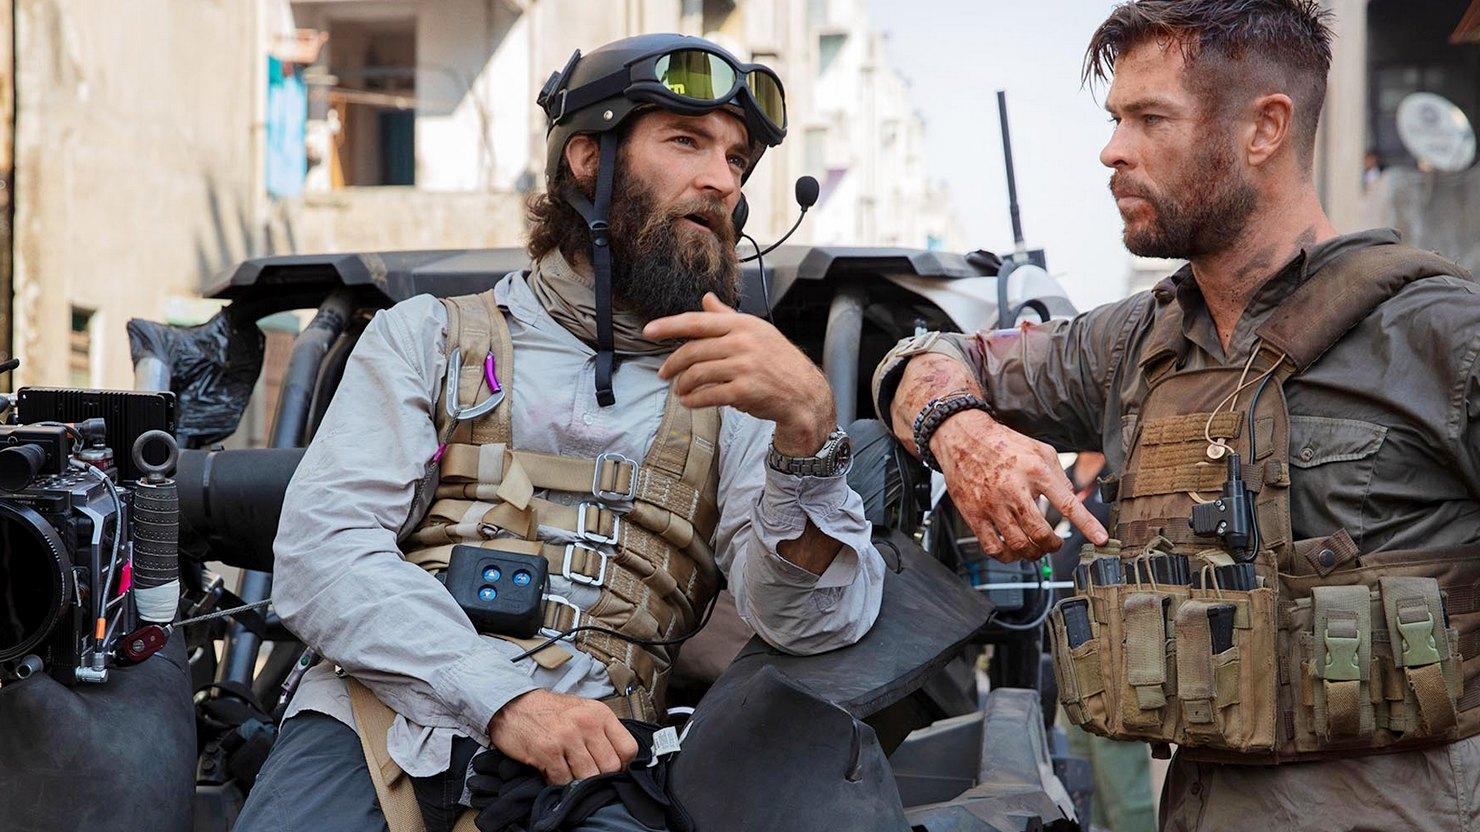 """Режиссёр """"Эвакуации 2"""" с Крисом Хемсвортом обещает поднять планку экшена на новую высоту"""